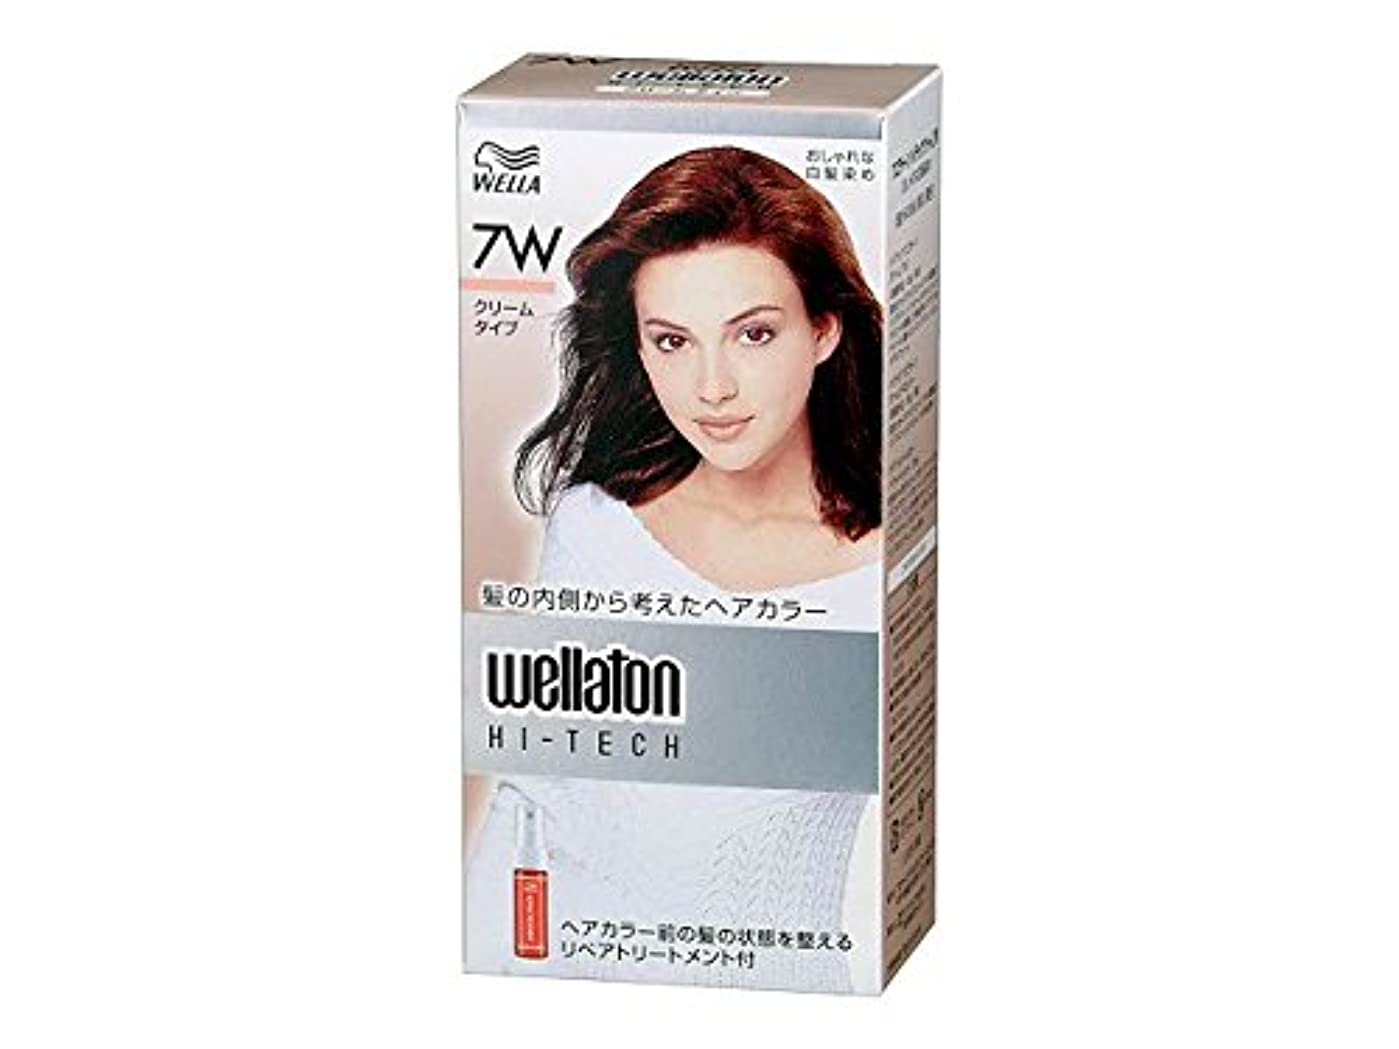 から借りているの前で【ヘアケア】P&G ウエラトーン ハイテック クリーム 7W 暖かみのある明るい栗色 医薬部外品 白髪染めヘアカラー(女性用)×24点セット (4902565140541)